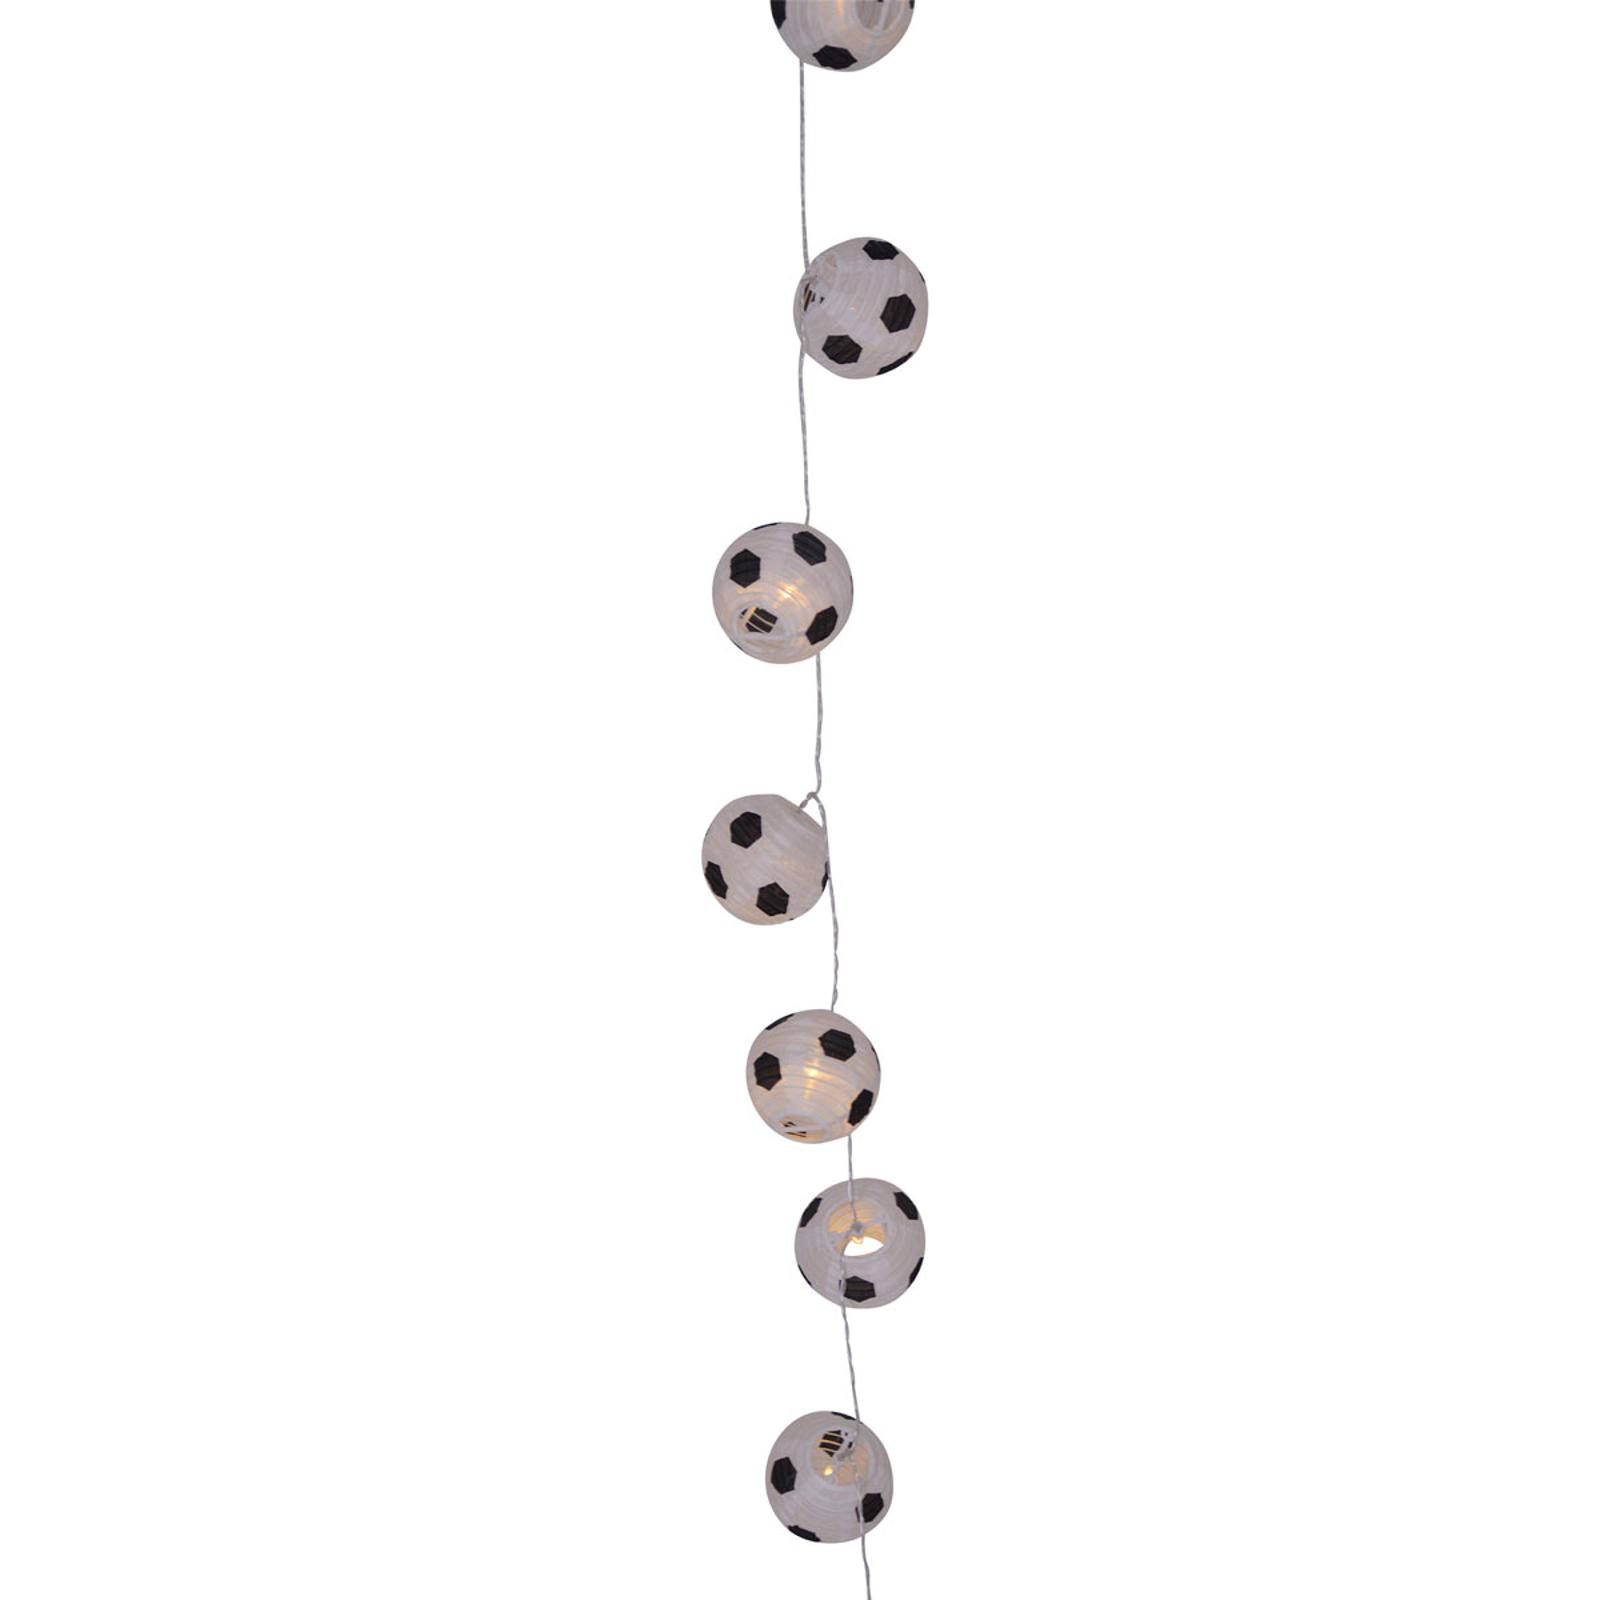 LED-valoketju Kizi, jalkapallot, paristokäyttö